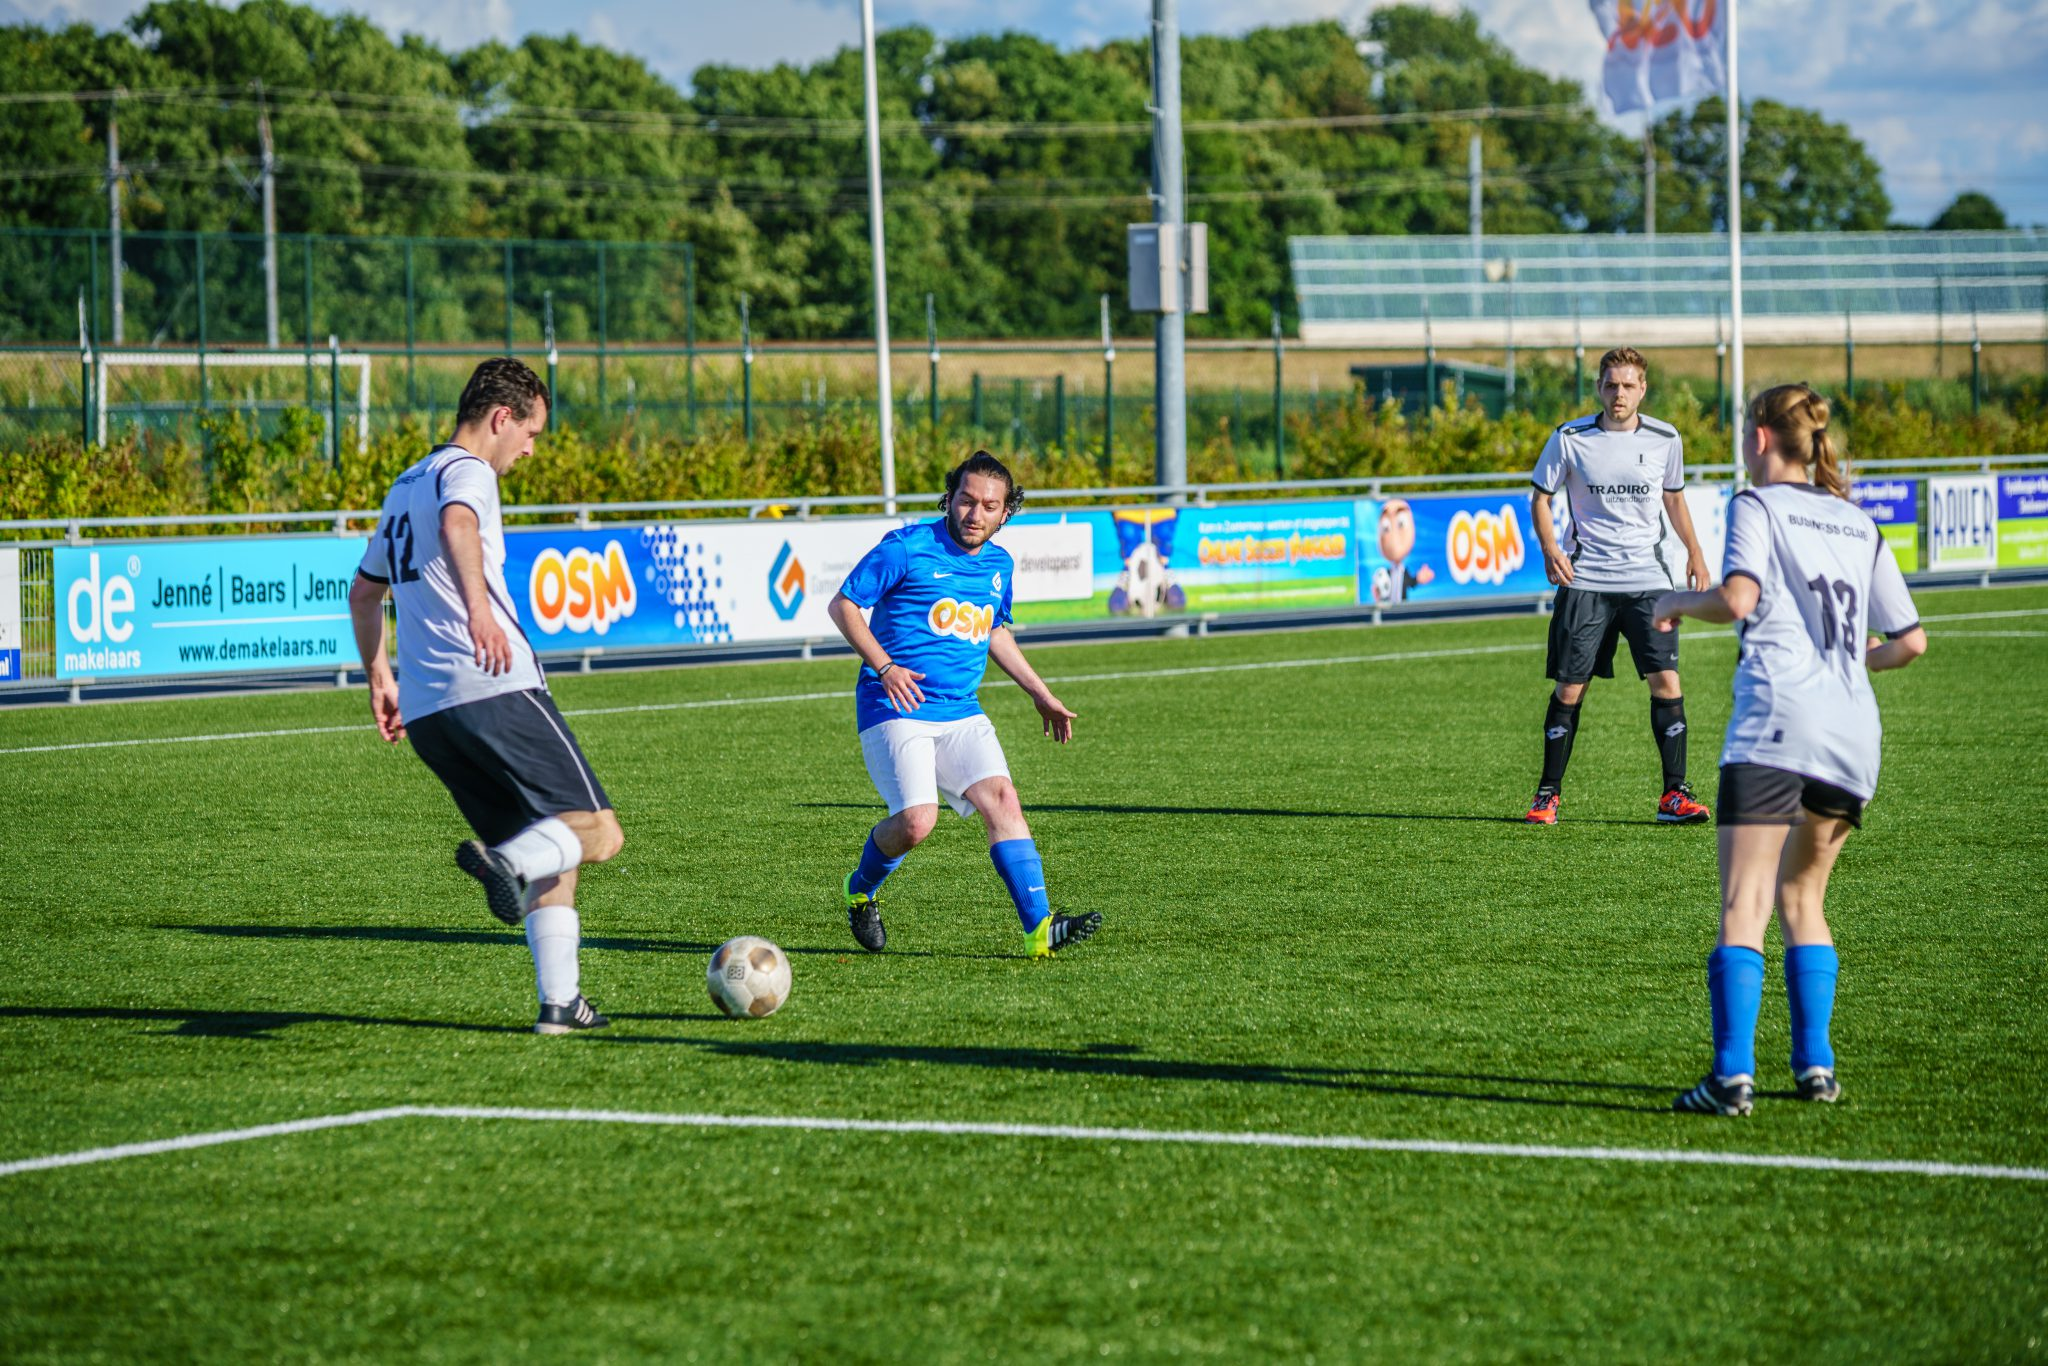 Clash tussen Gamebasics FC vs Worrell & Jetten FC bij DSO